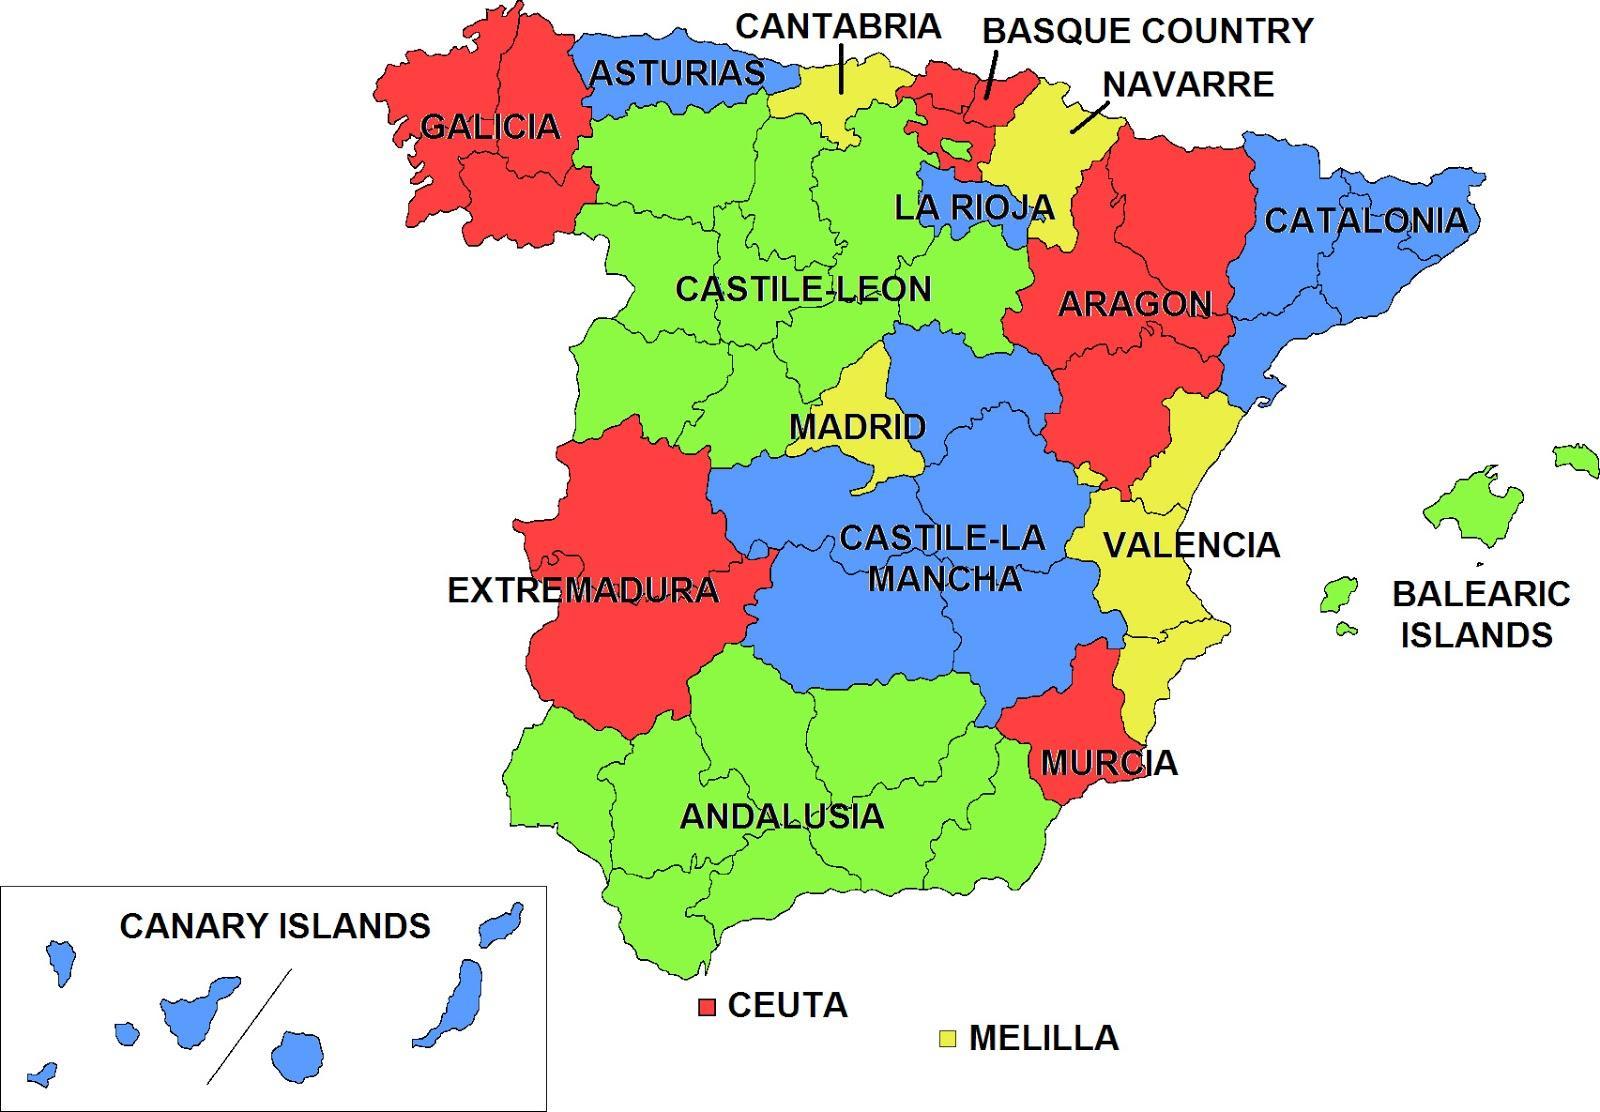 mapa espanha regiões Espanha regiões do mapa   Mapa de Espanha e regiões (Sul da Europa  mapa espanha regiões